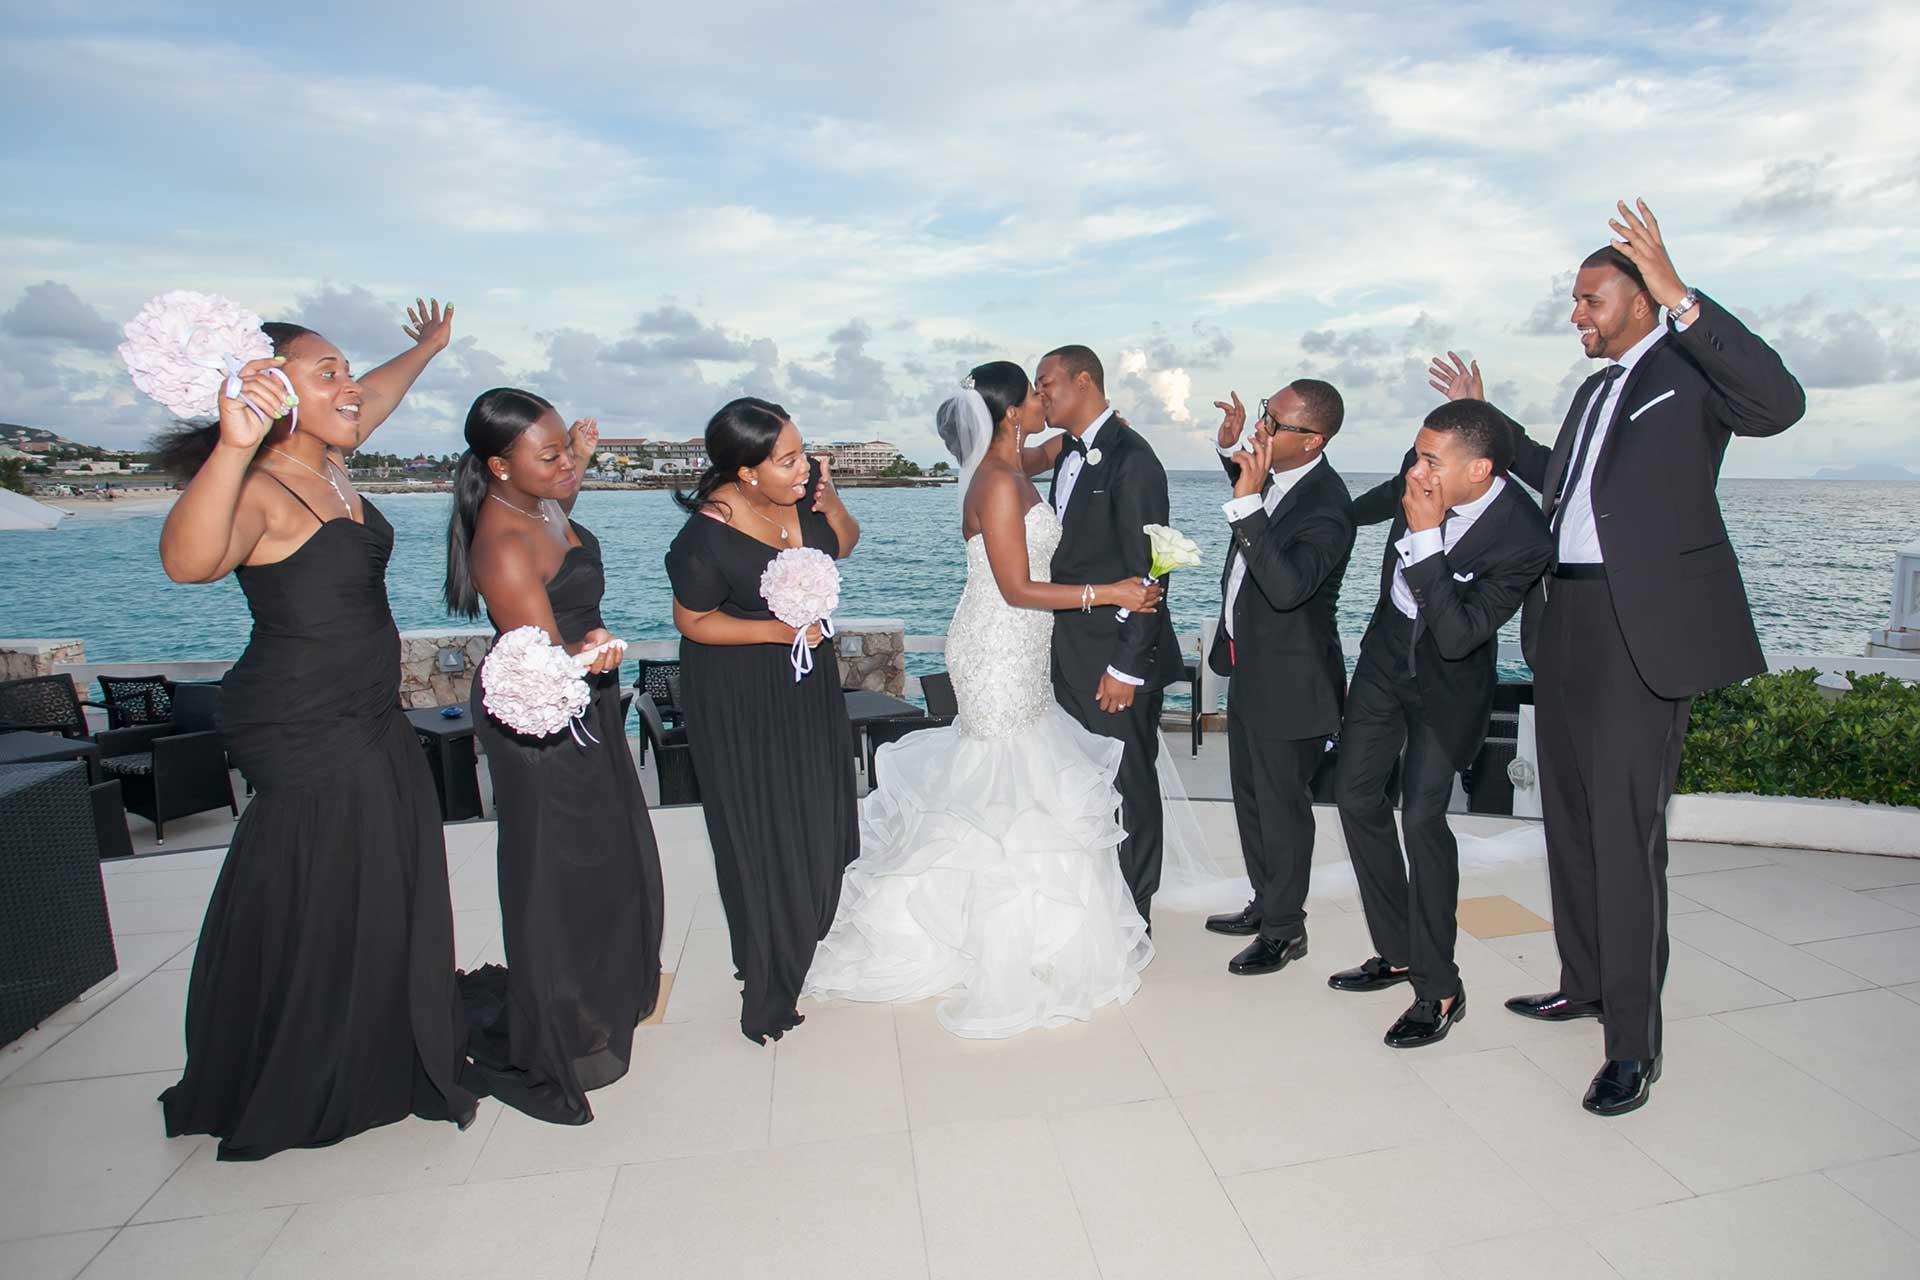 st maarten wedding